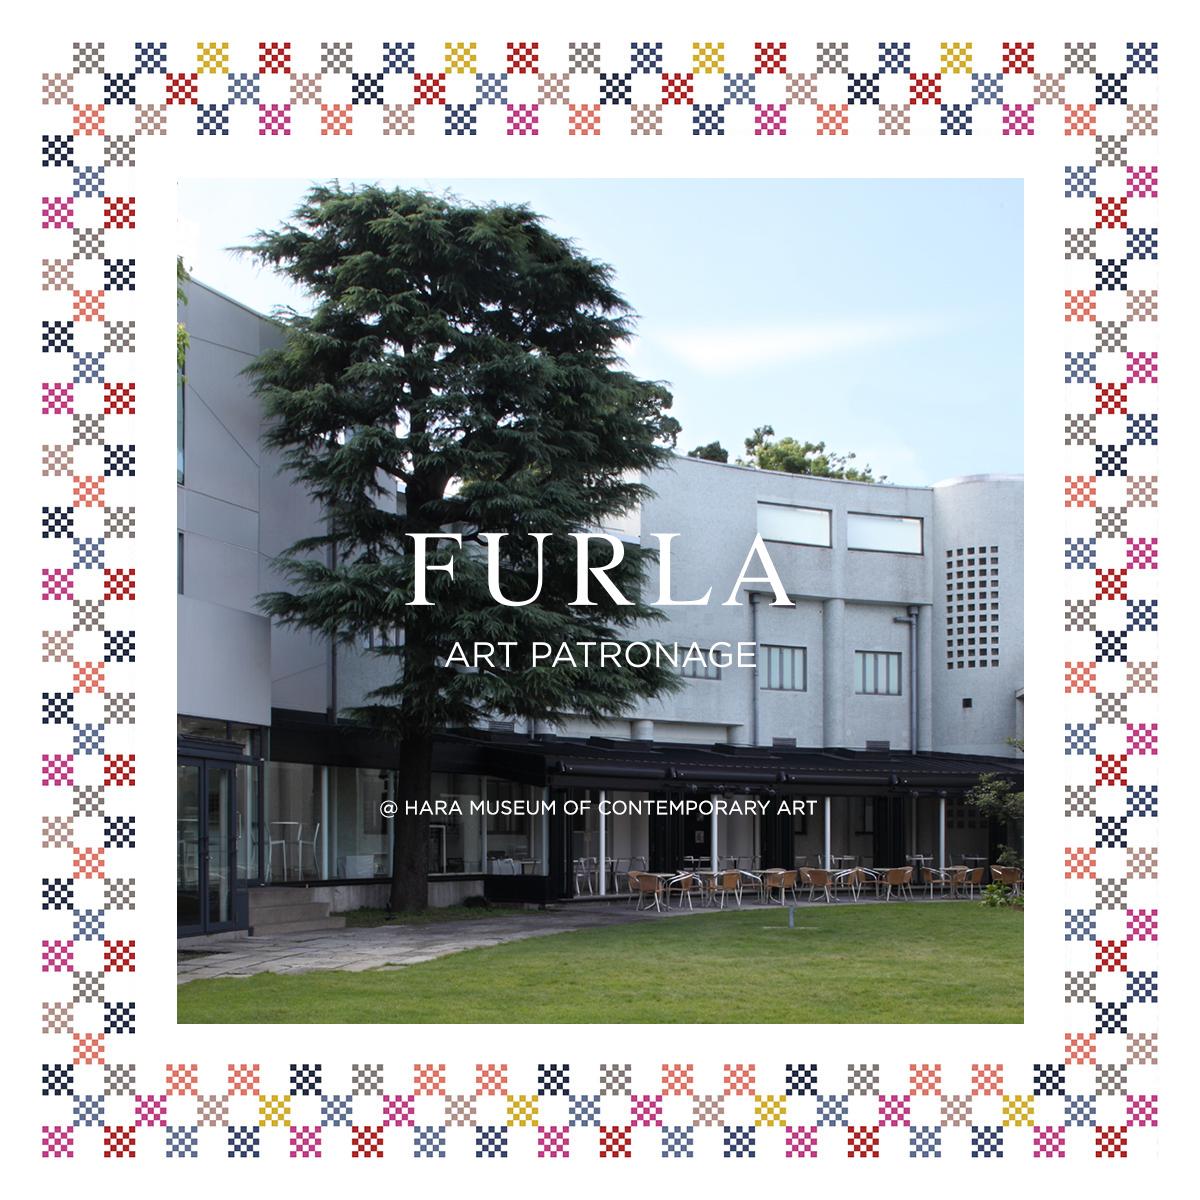 フルラ,FURLA,FURLA DAY,原美術館